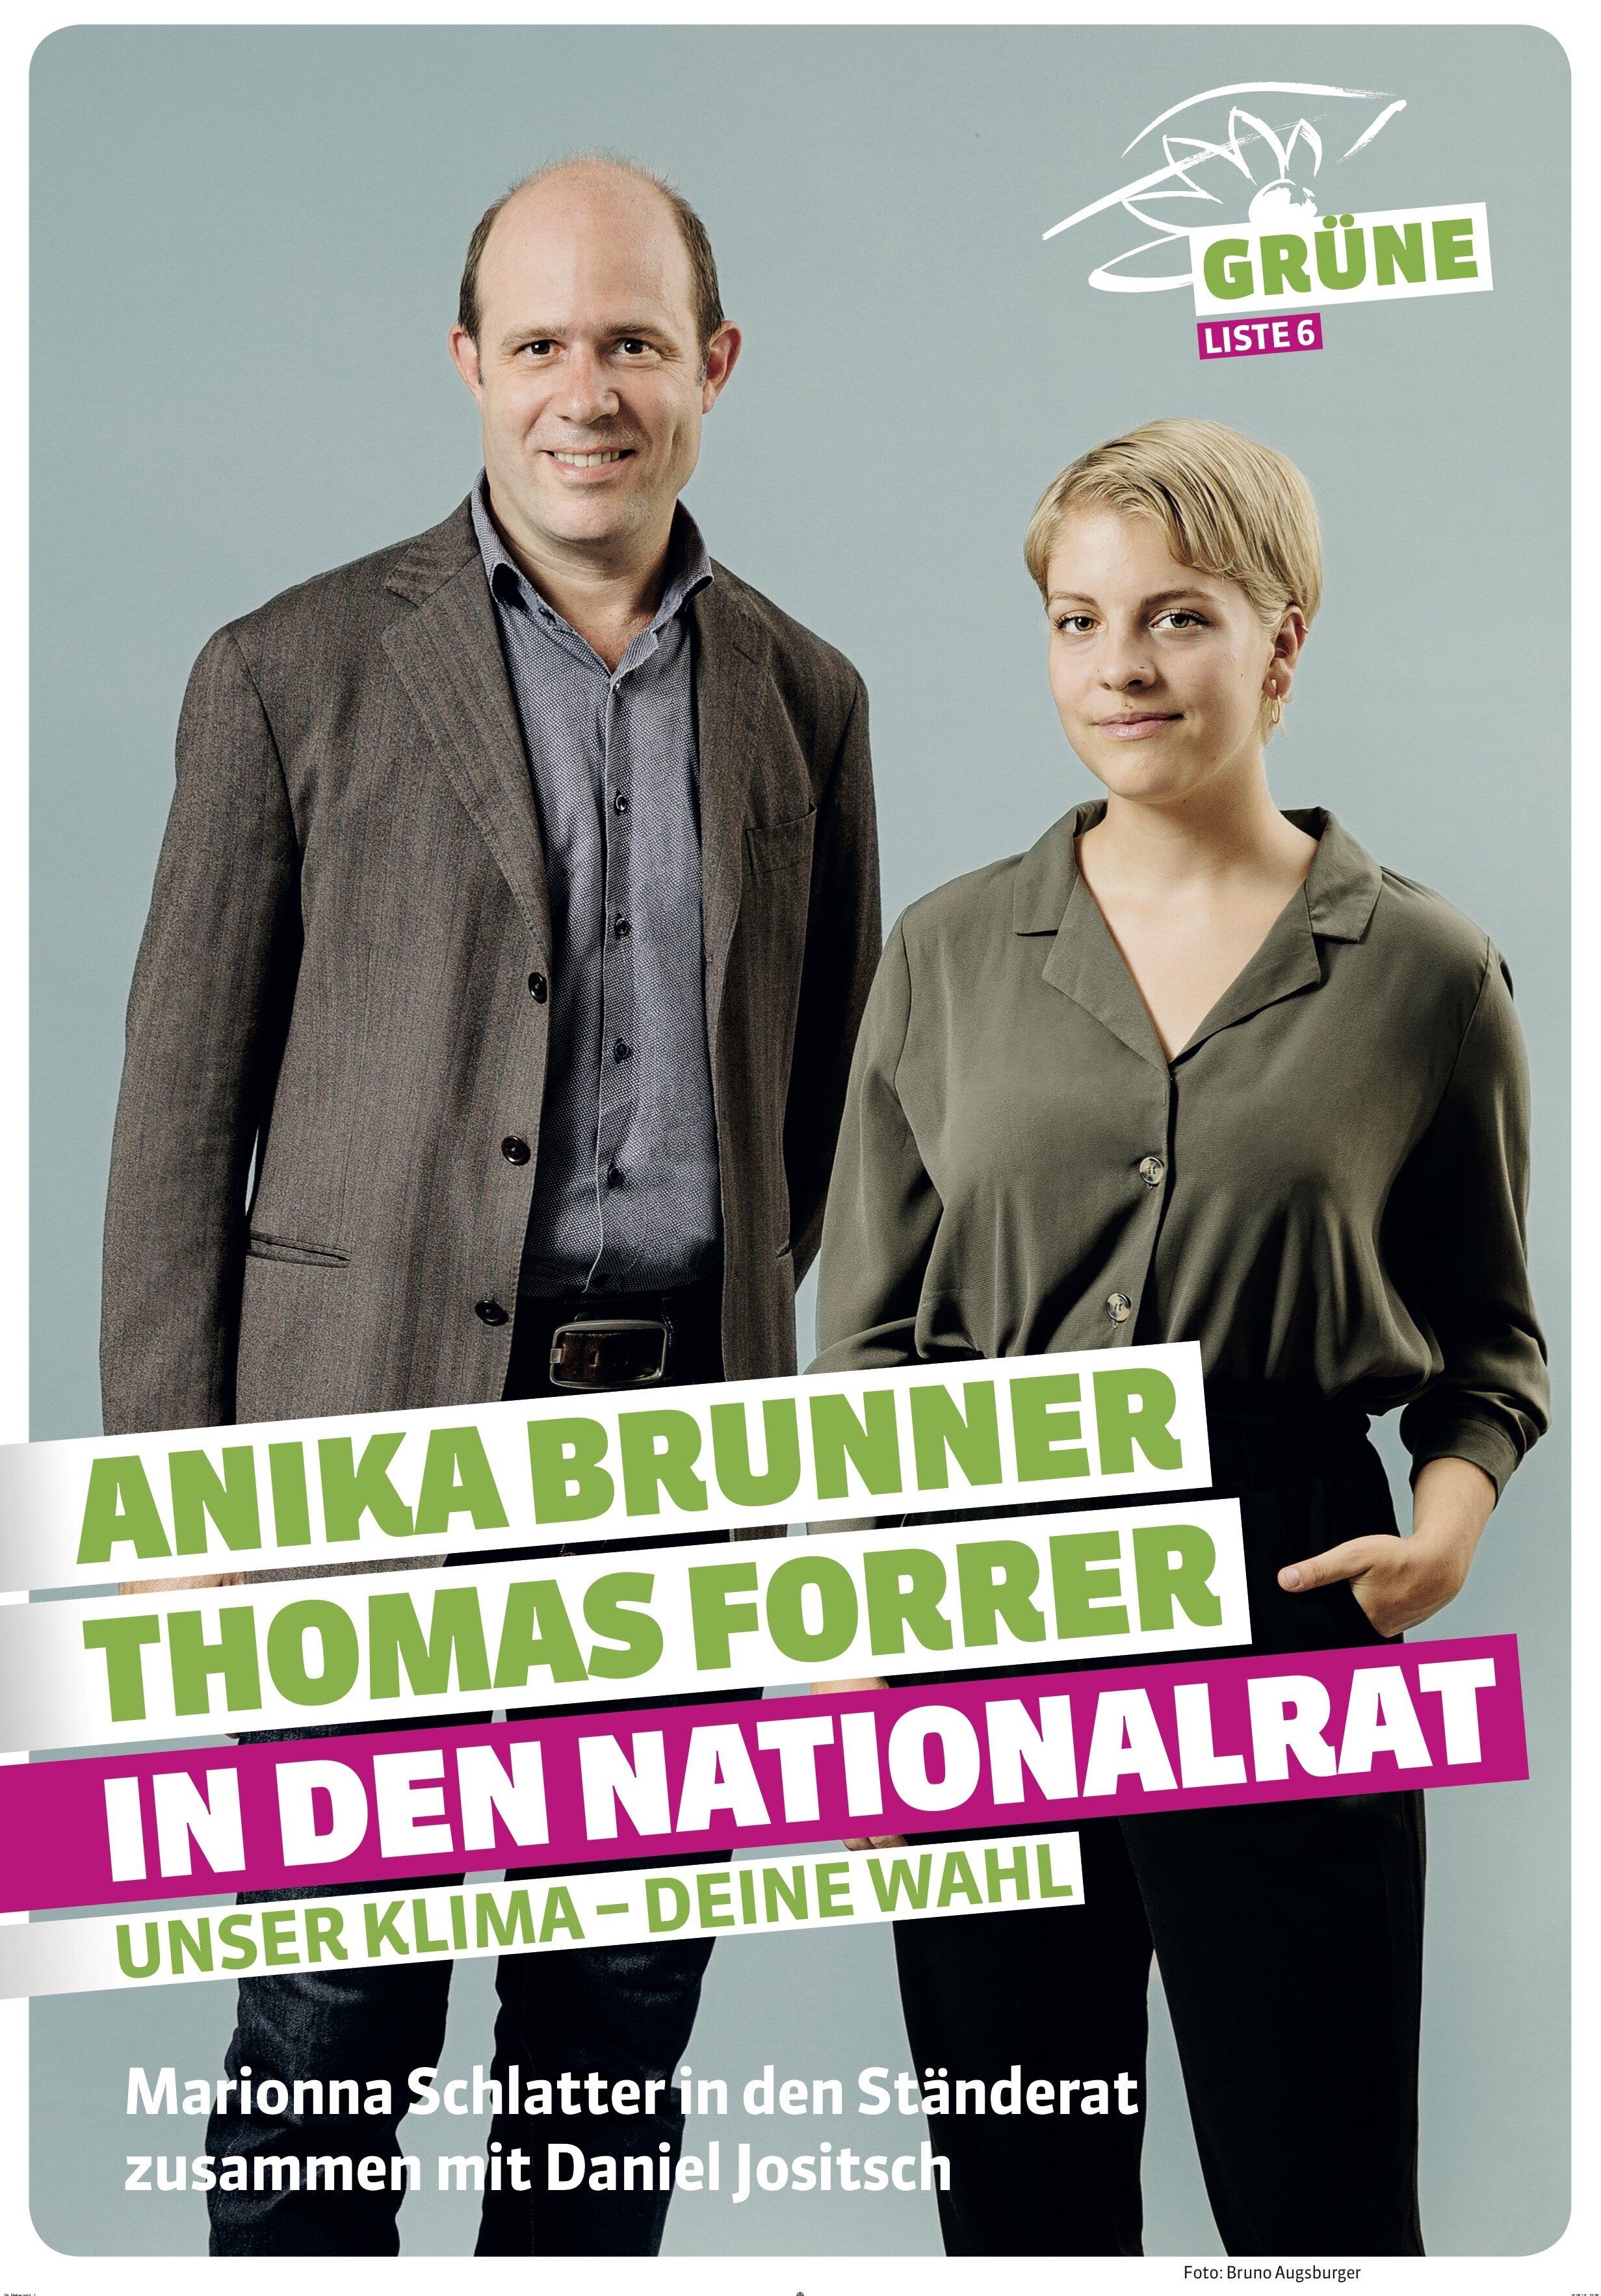 Grüne von Thomas Forrer.jpg